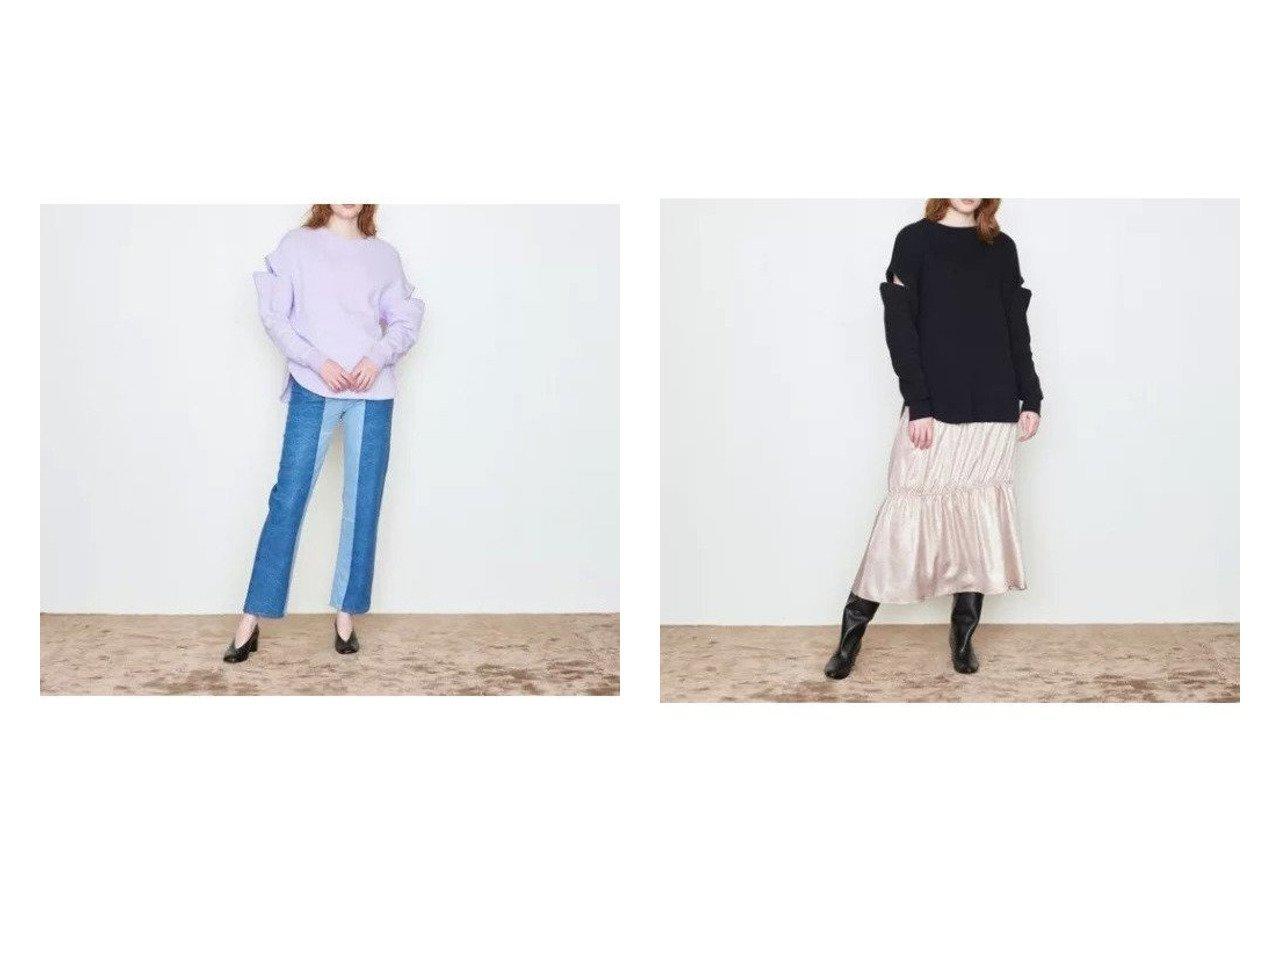 【UNITED ARROWS/ユナイテッドアローズ】のジップ クルーネック カットソー† 【スカート】おすすめ!人気、トレンド・レディースファッションの通販 おすすめで人気の流行・トレンド、ファッションの通販商品 インテリア・家具・メンズファッション・キッズファッション・レディースファッション・服の通販 founy(ファニー) https://founy.com/ ファッション Fashion レディースファッション WOMEN トップス・カットソー Tops/Tshirt シャツ/ブラウス Shirts/Blouses ロング / Tシャツ T-Shirts カットソー Cut and Sewn カットソー ジップ タイトスカート 長袖  ID:crp329100000070088